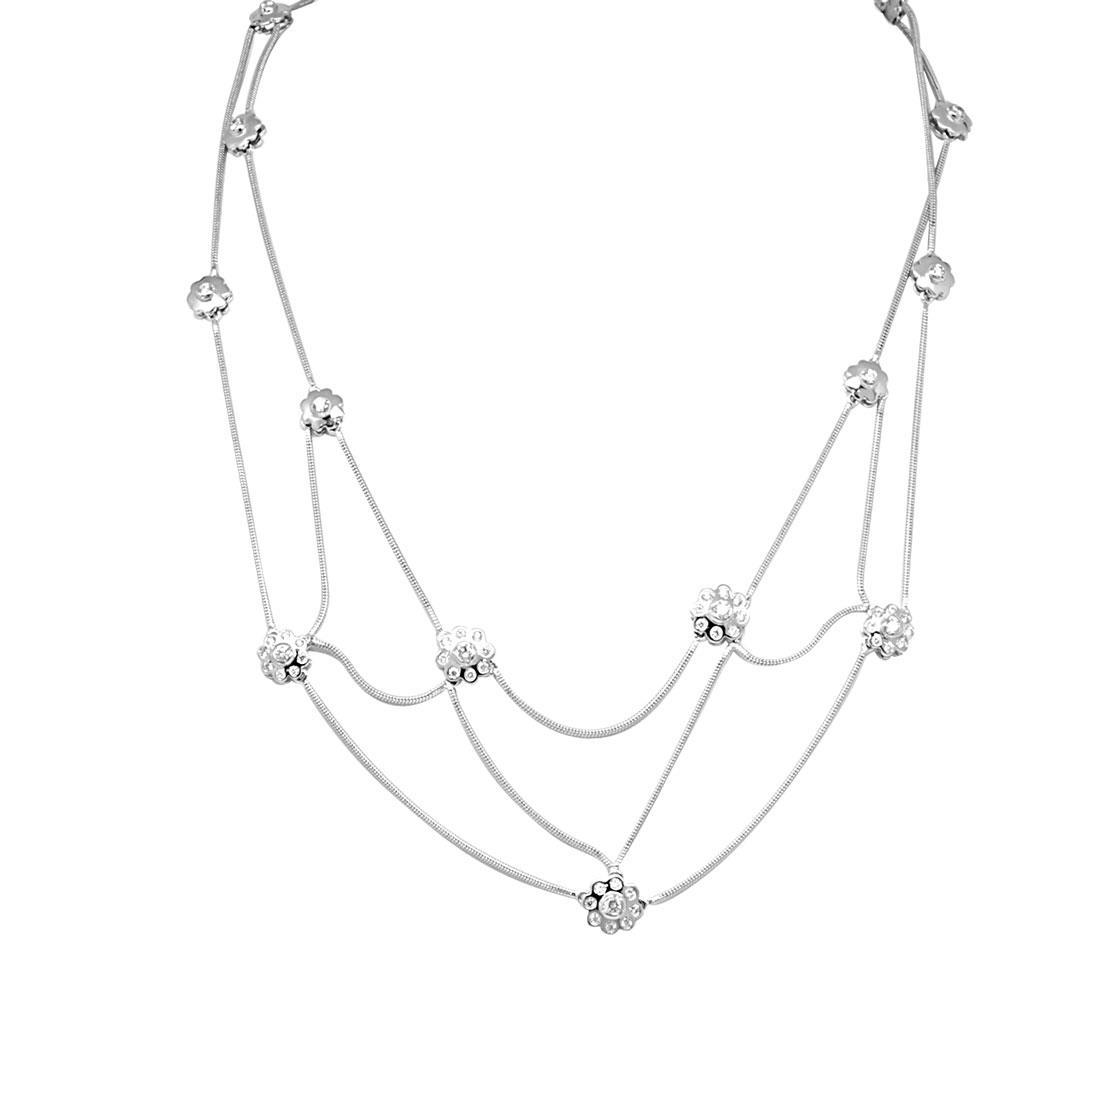 Collana Damiani in oro bianco con diamante ct 0,67 - DAMIANI